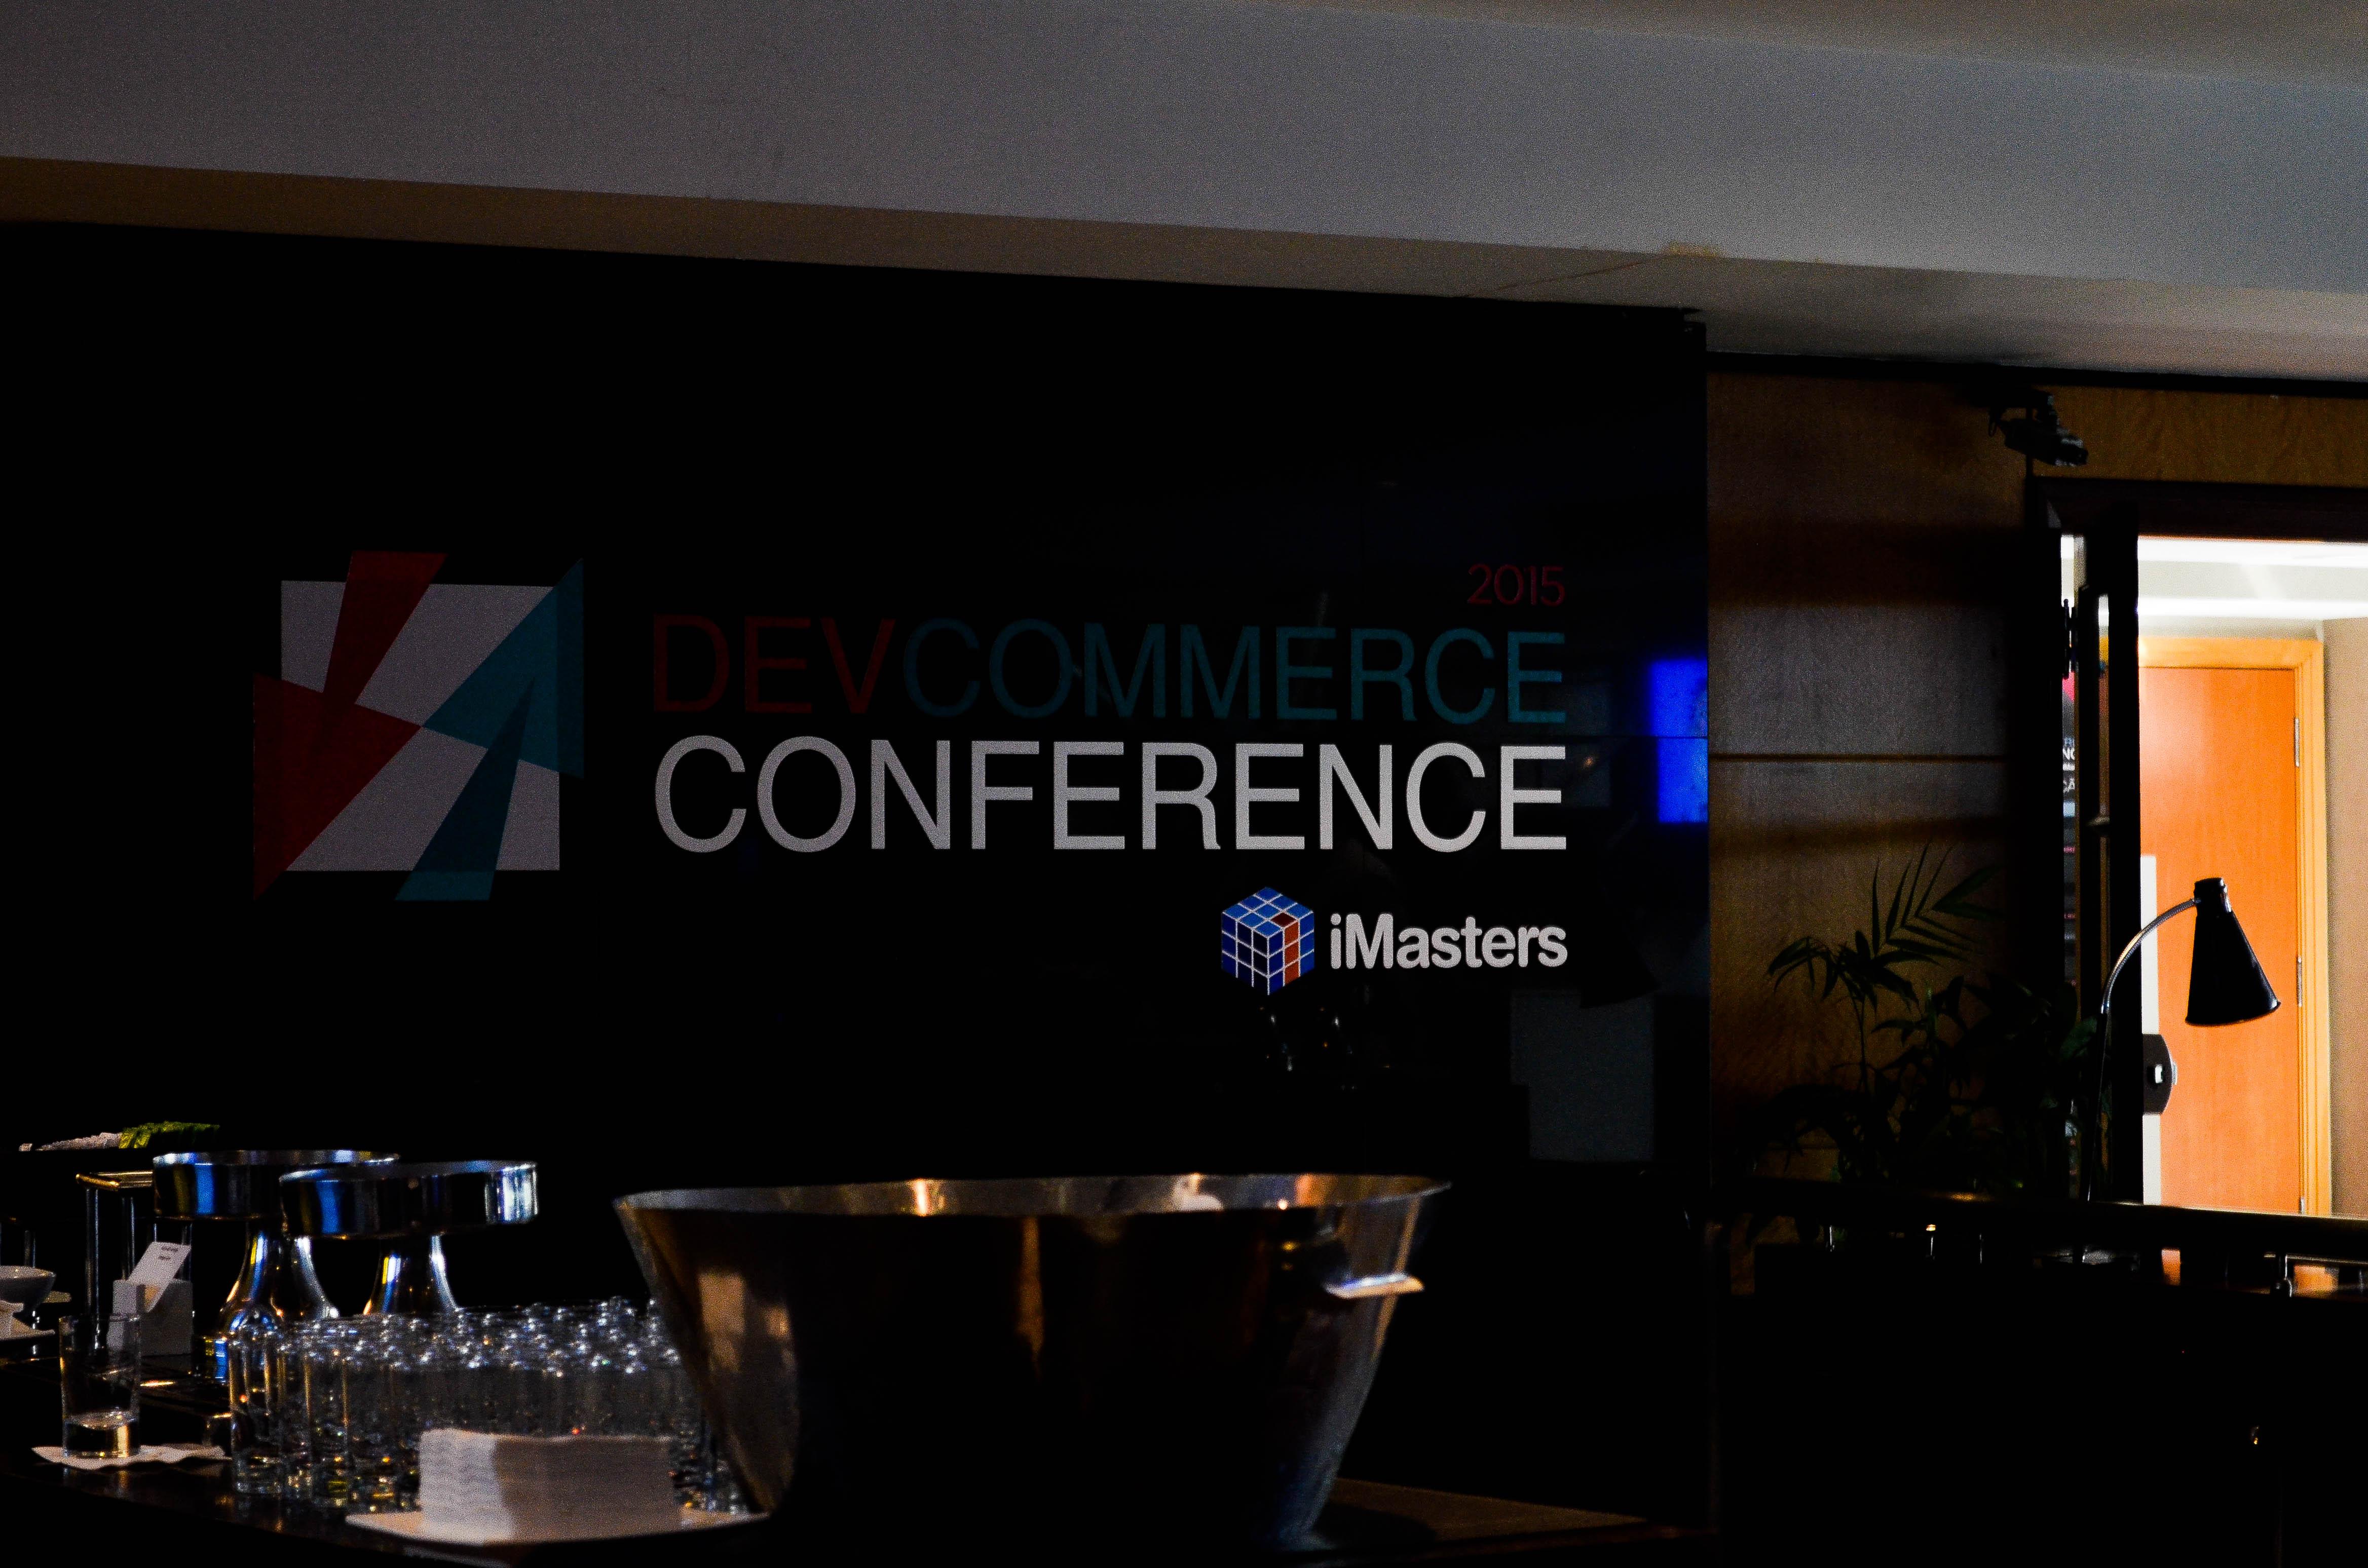 Impacta participou do DEVcommerce Conference